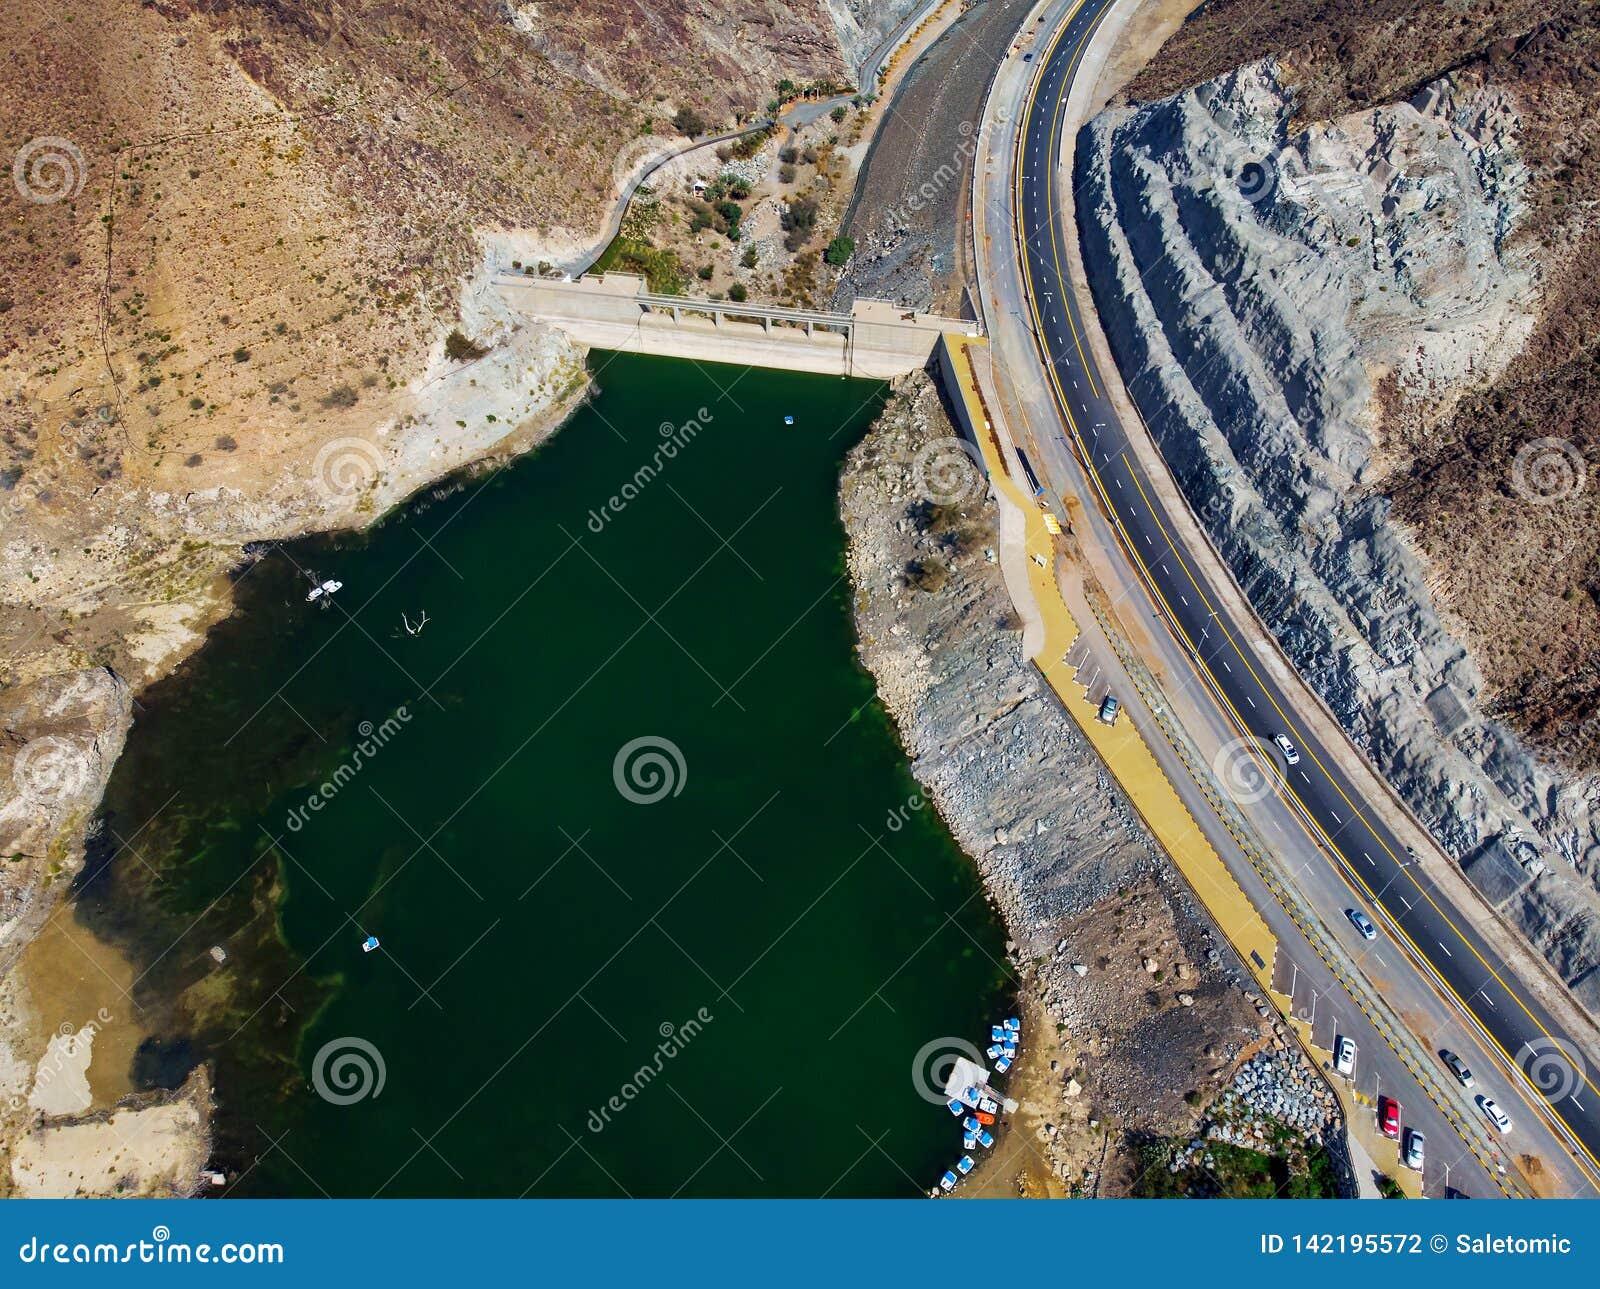 Al Rafisah Dam in Khor Fakkan in de Verenigde Arabische Emiraten